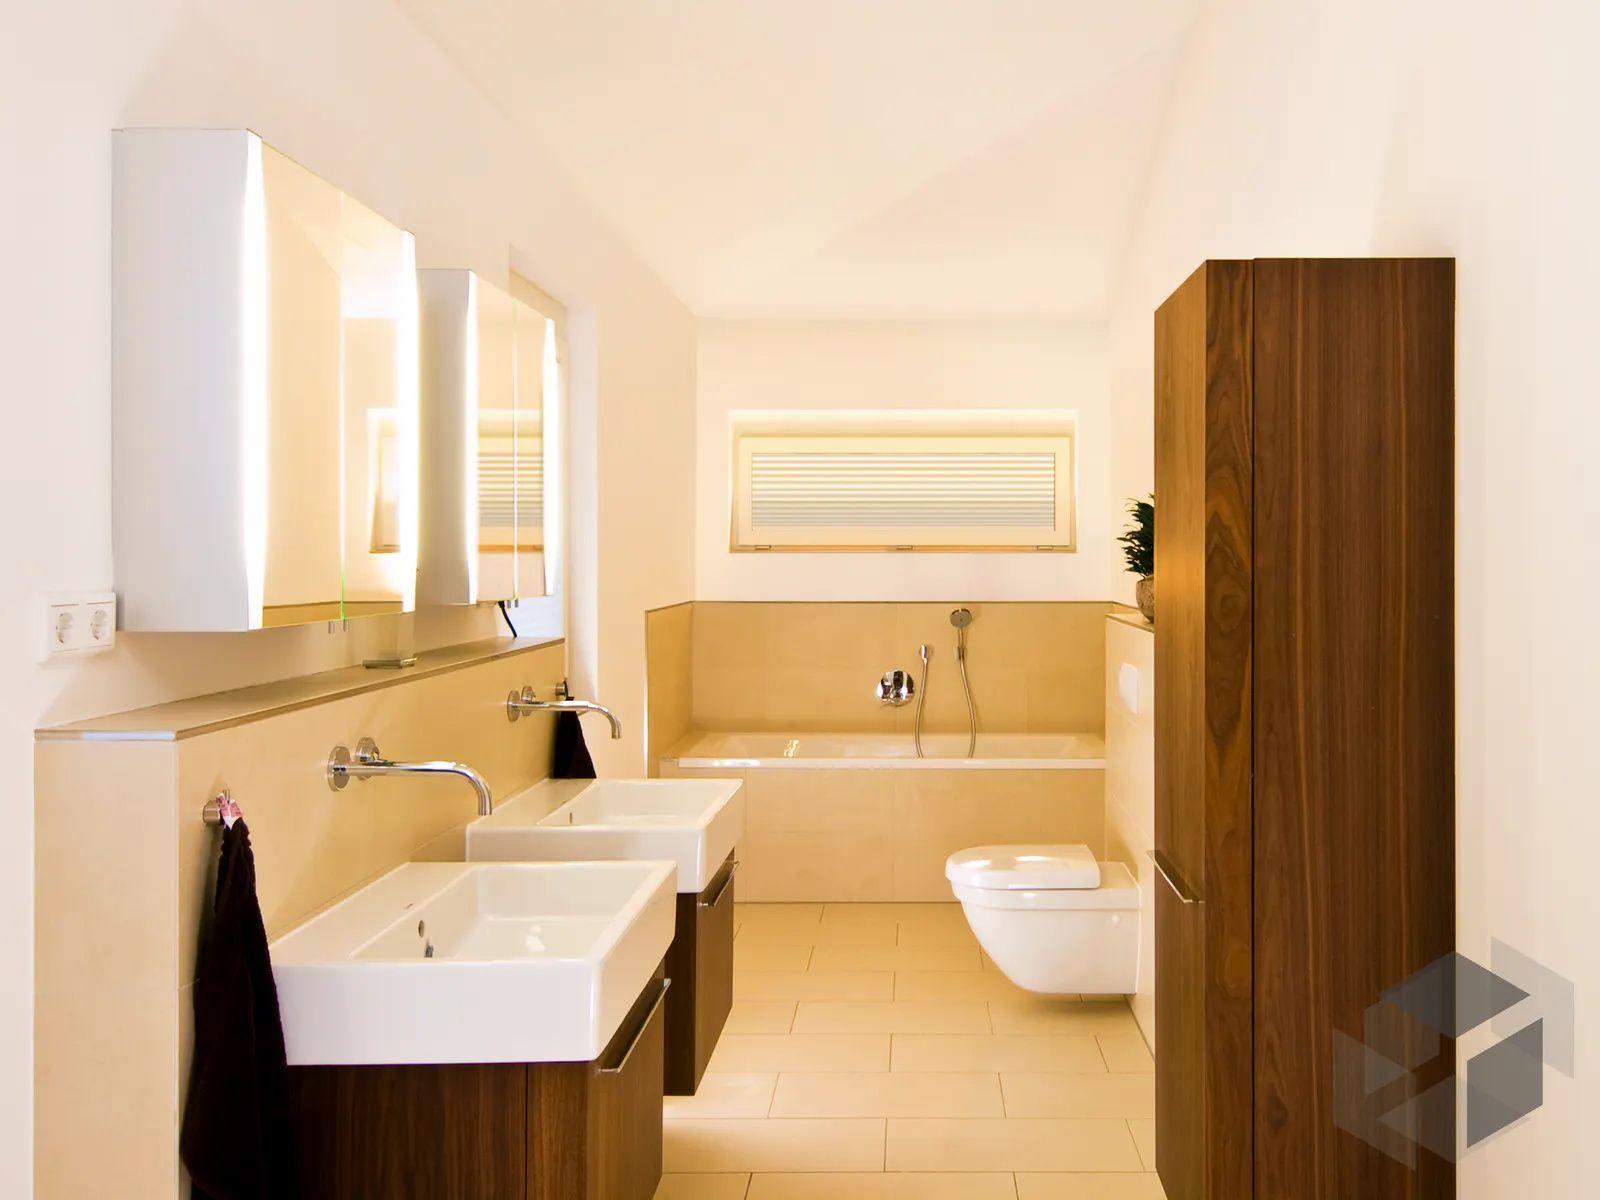 Grosses Badezimmer Mit 2 Waschbecken In 2020 Grosse Badezimmer Badezimmer Baufritz